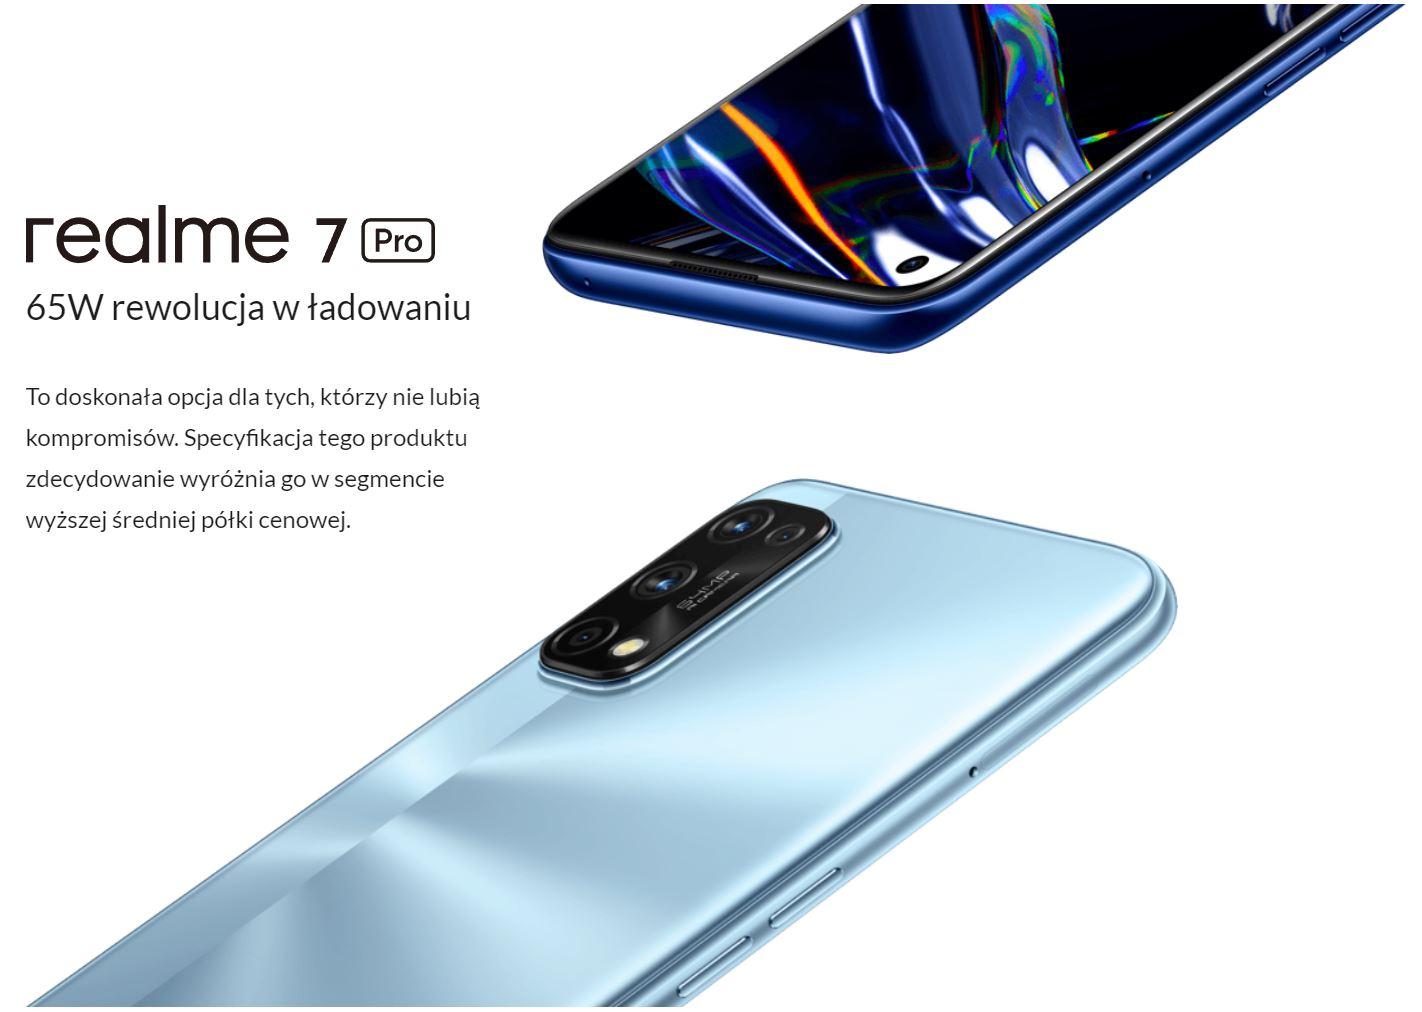 Najpopularniejsze smartfony do 1000 zł w ofercie RTV Euro AGD (TOP 10) - realme 7 Pro - ładowanie